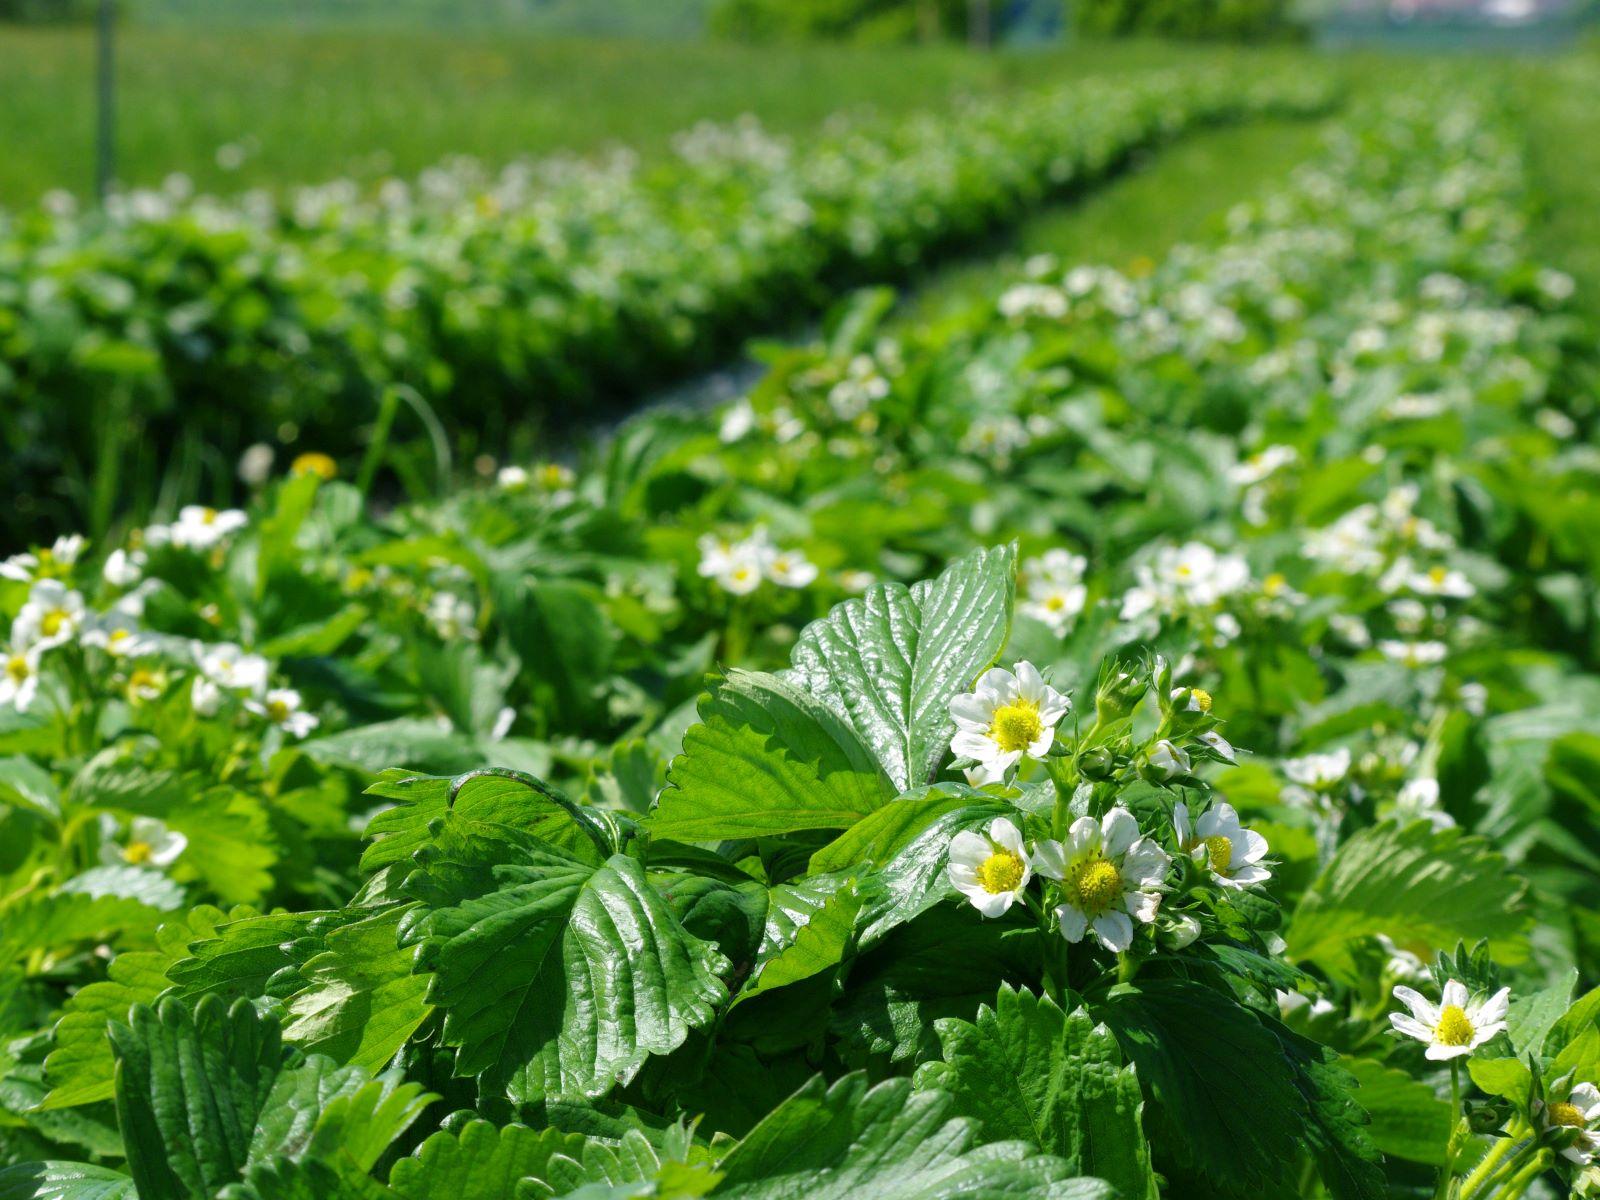 Mai - Les Fraisiers sont en fleurs. Il faudra encore un peu de chaleur avant l'arrivée des fruits